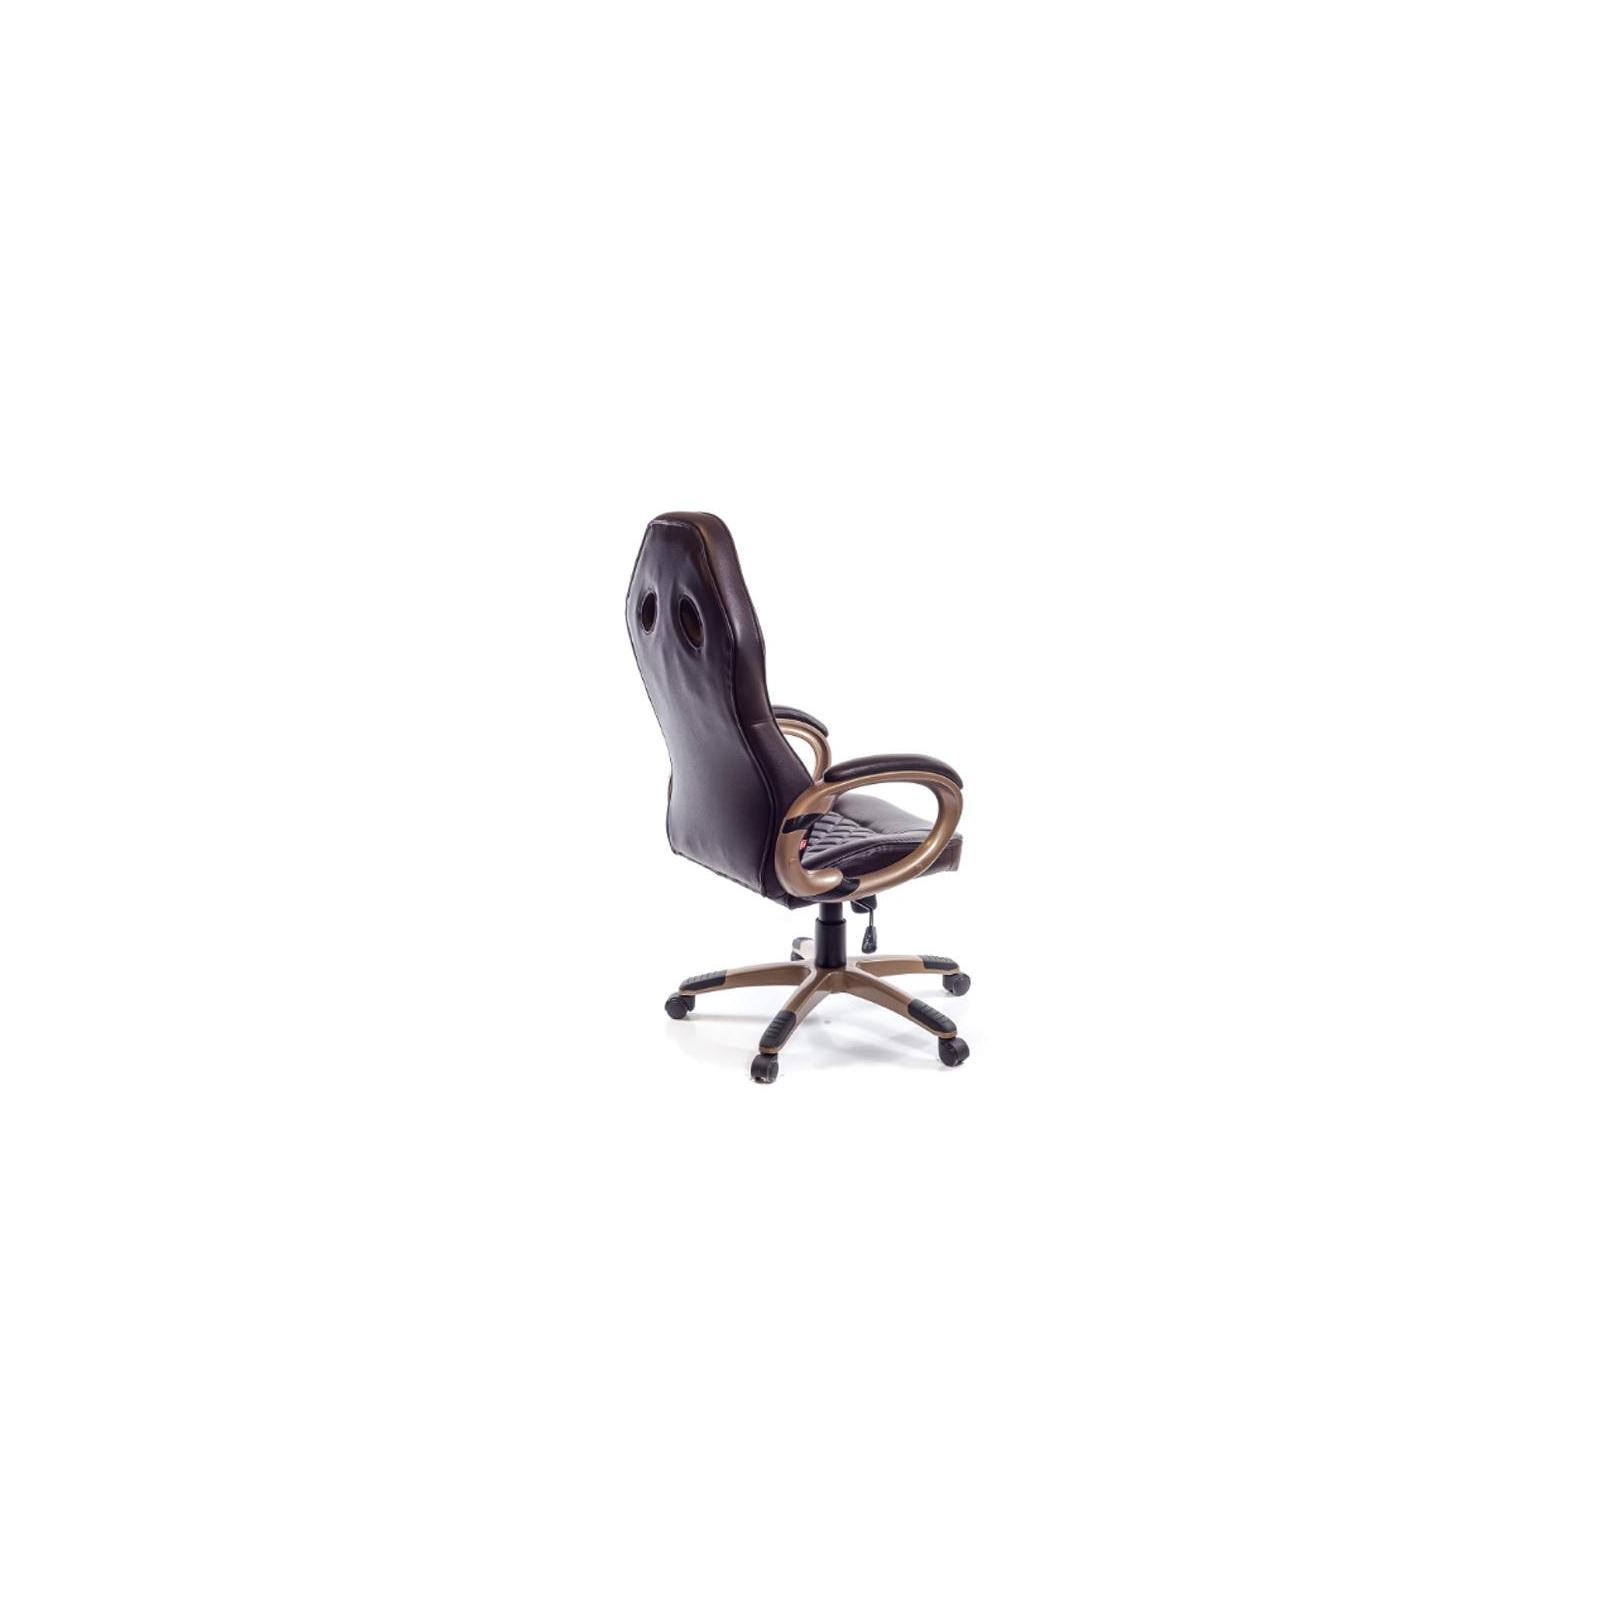 Кресло игровое АКЛАС Блиц PL TILT Коричневое (07262) изображение 5